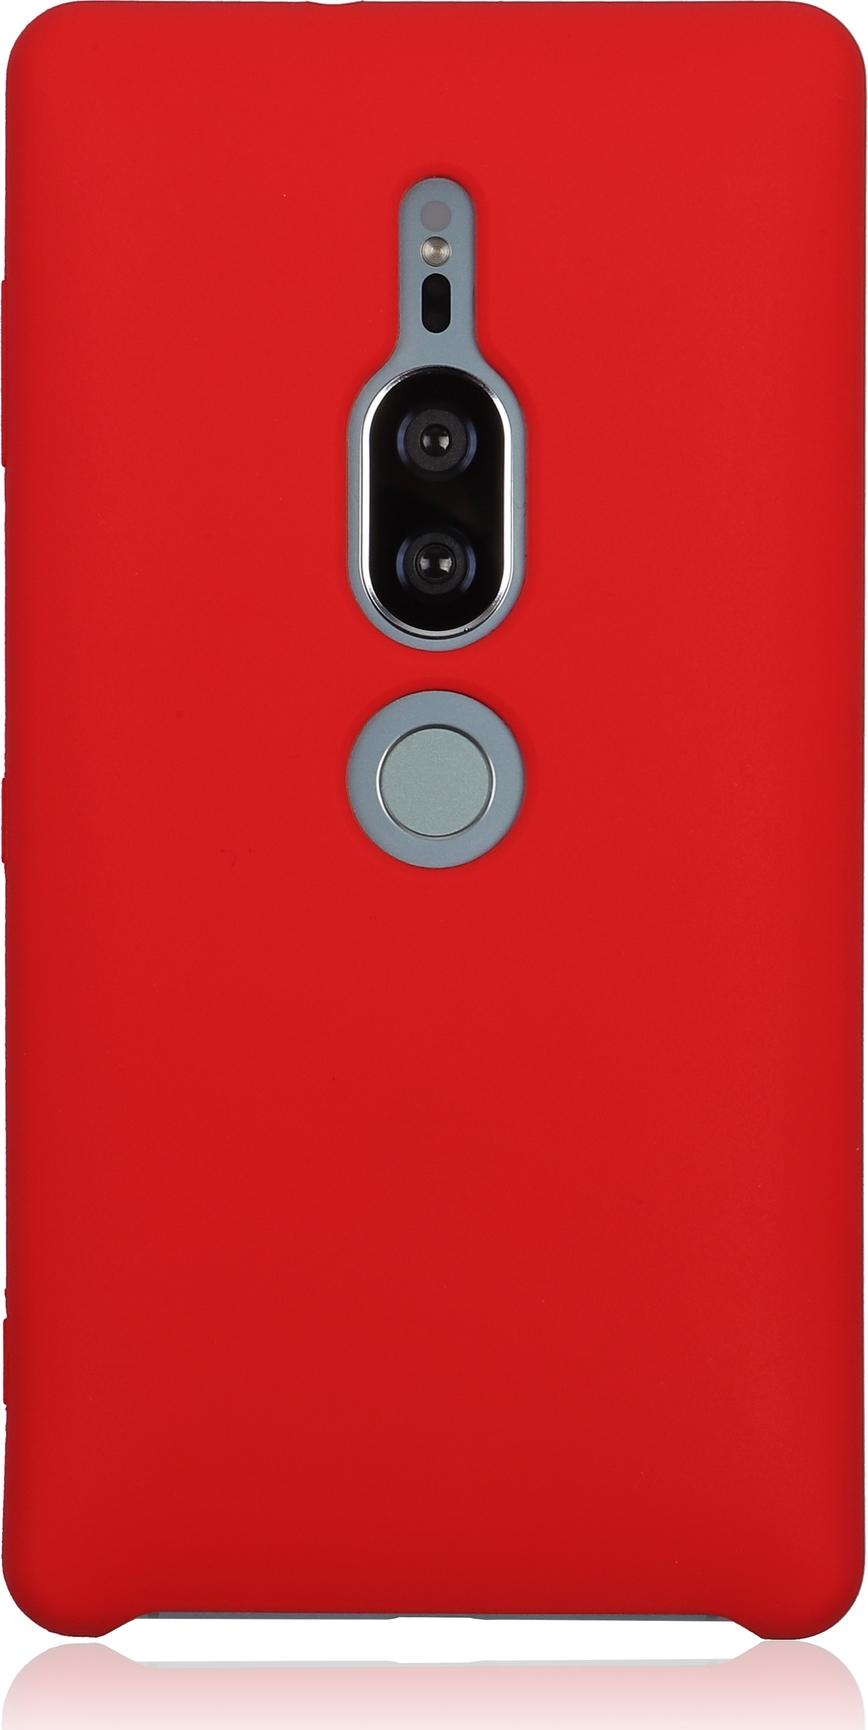 Чехол Brosco Softrubber для Sony Xperia XZ2 Premium, красный wierss розовый для sony xz2